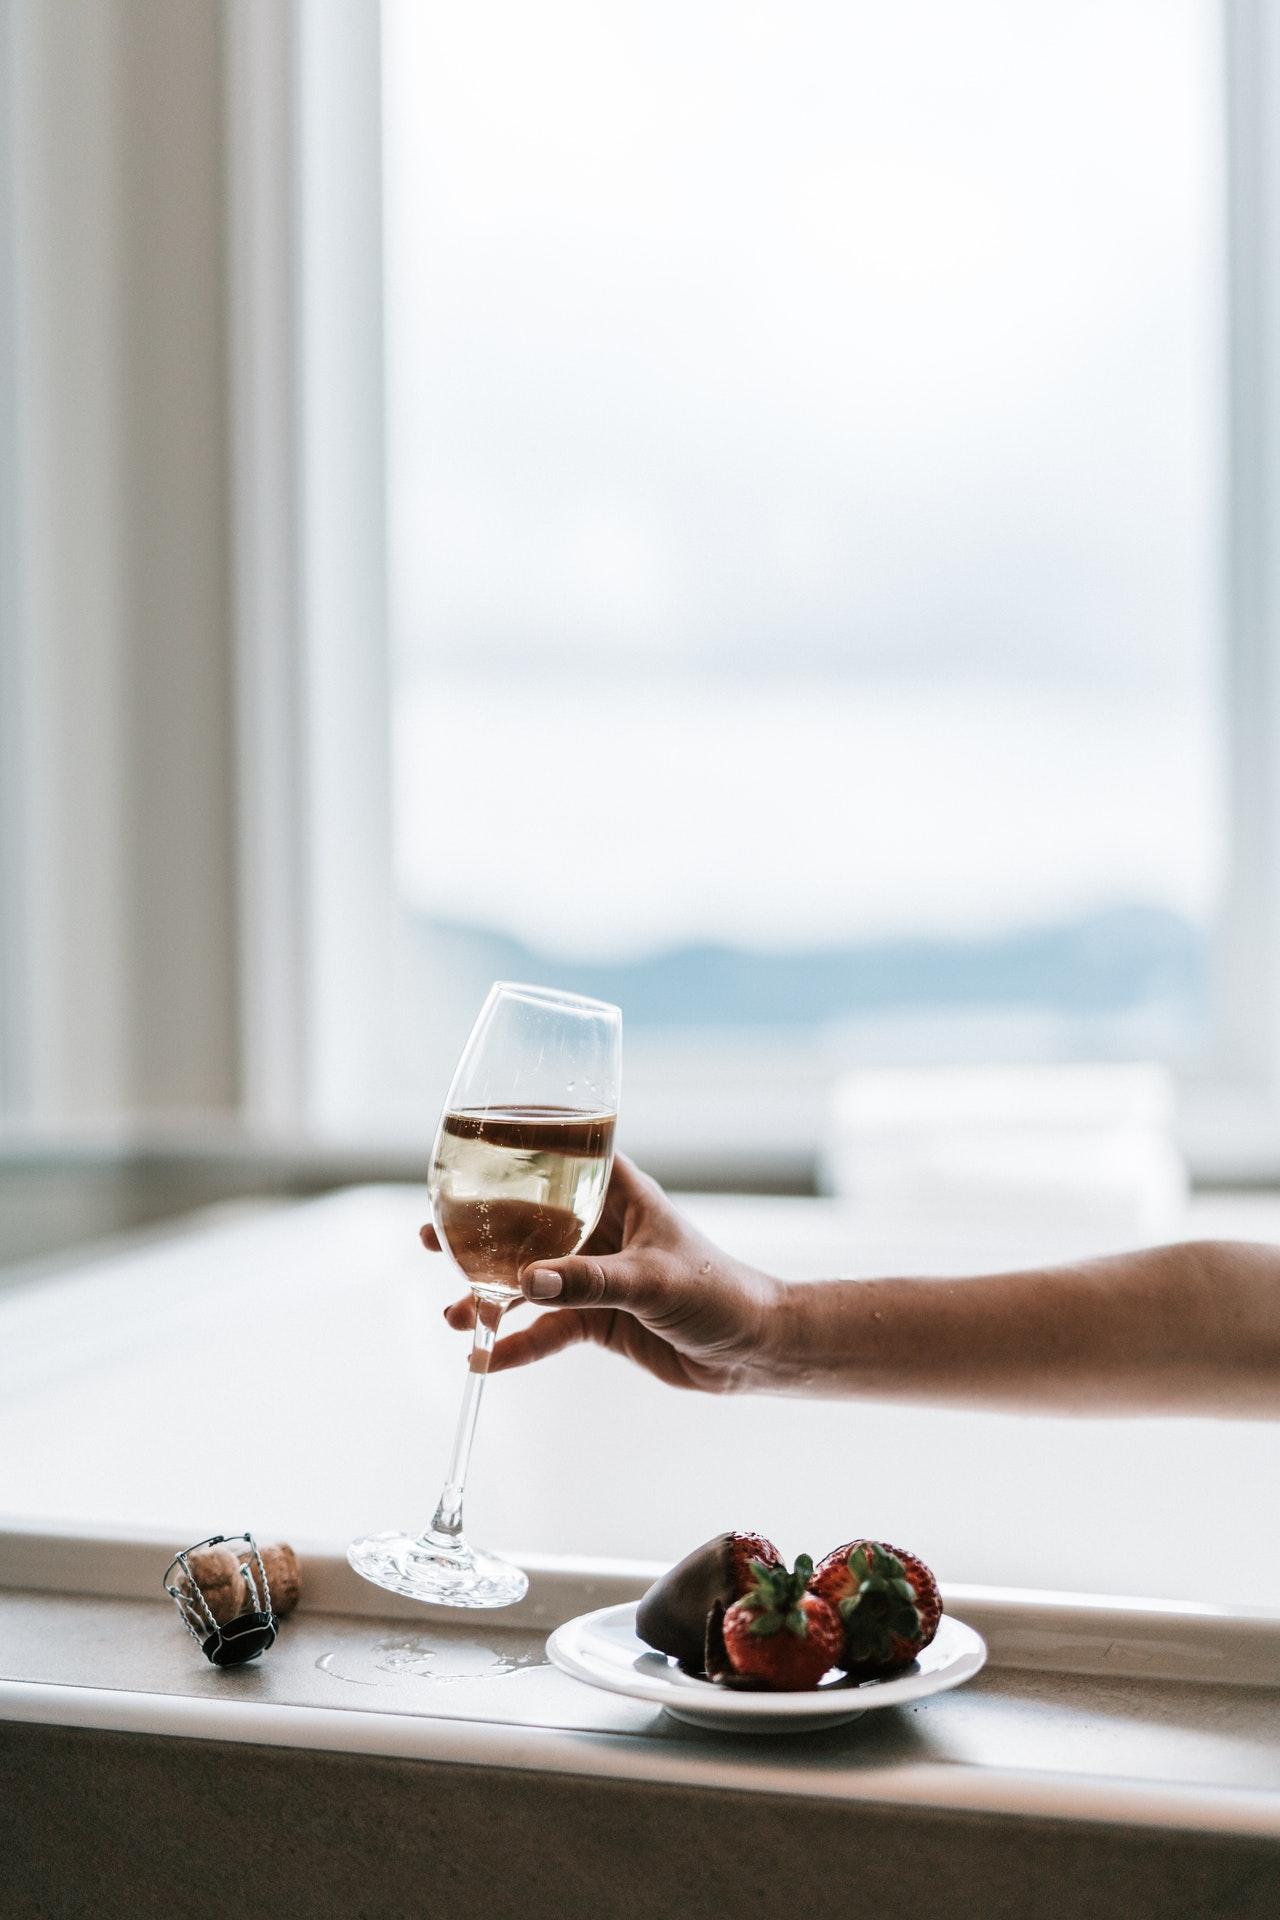 Welke wijn past het beste bij mijn maaltijd?